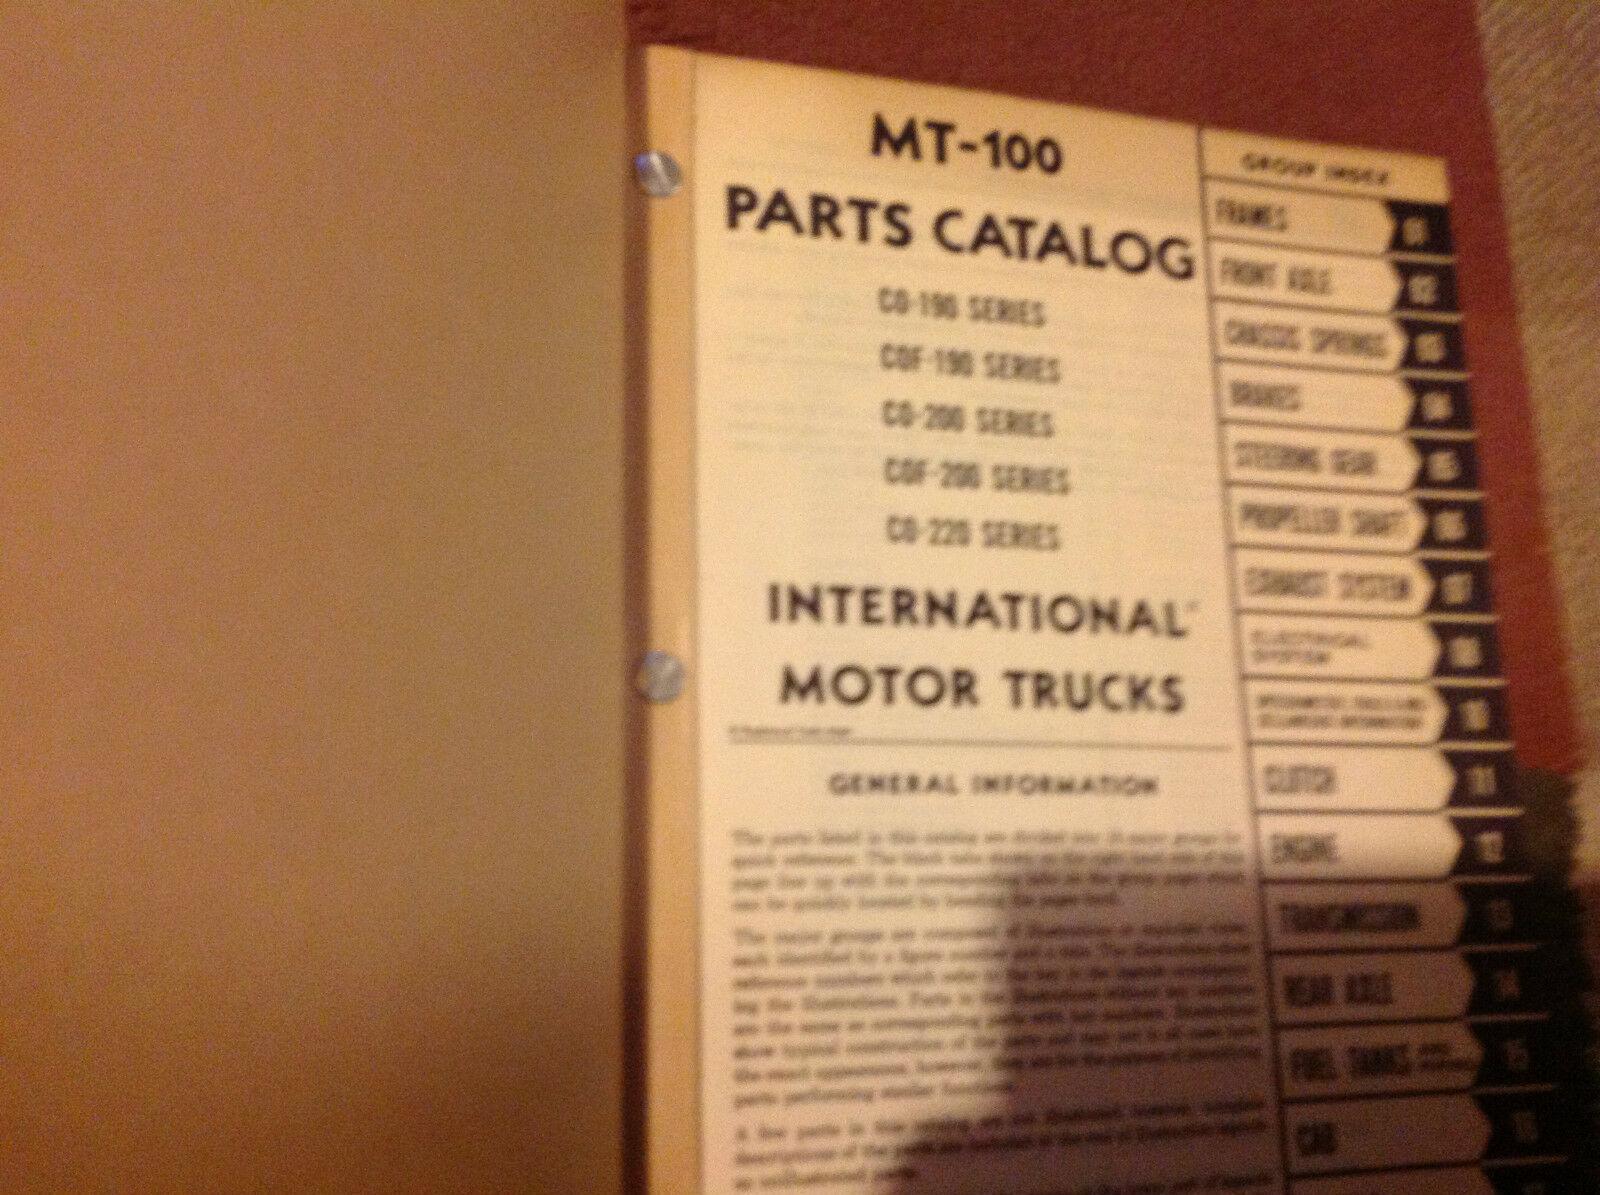 Internazionale Carrelli Ihc MT100 Mt 100 Motore Camion Catalogo Ricambi Manuale